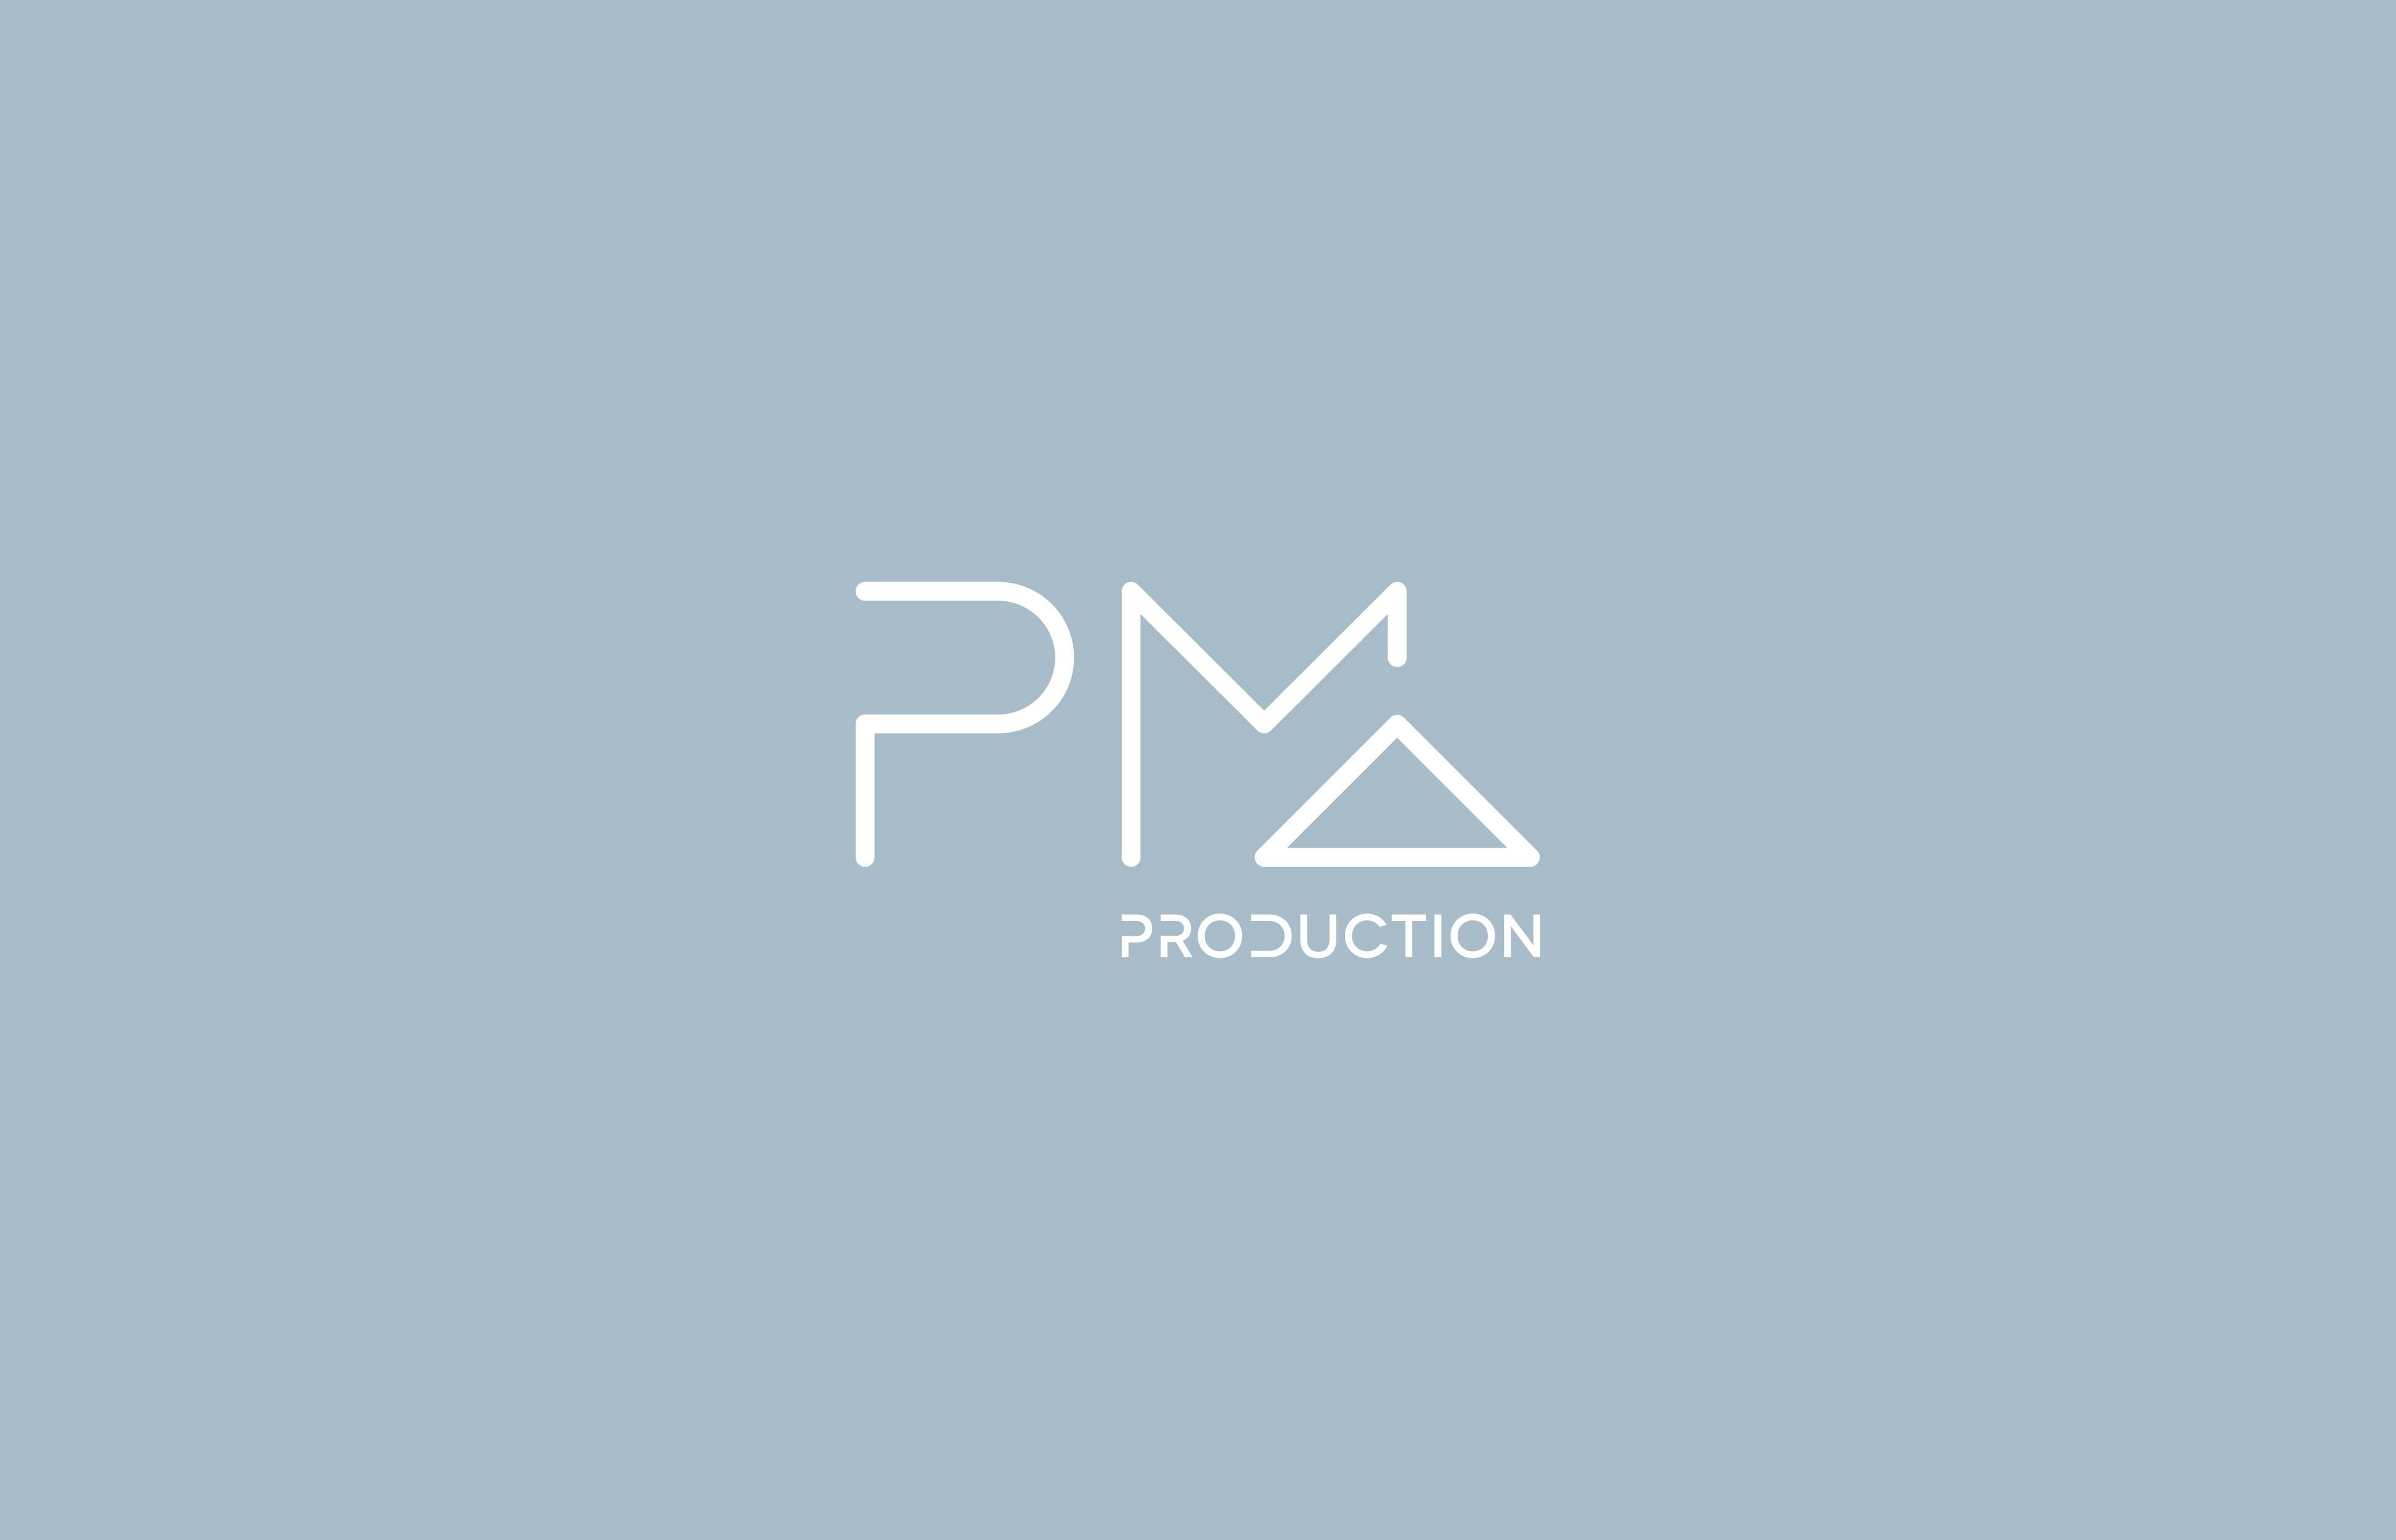 pma-02